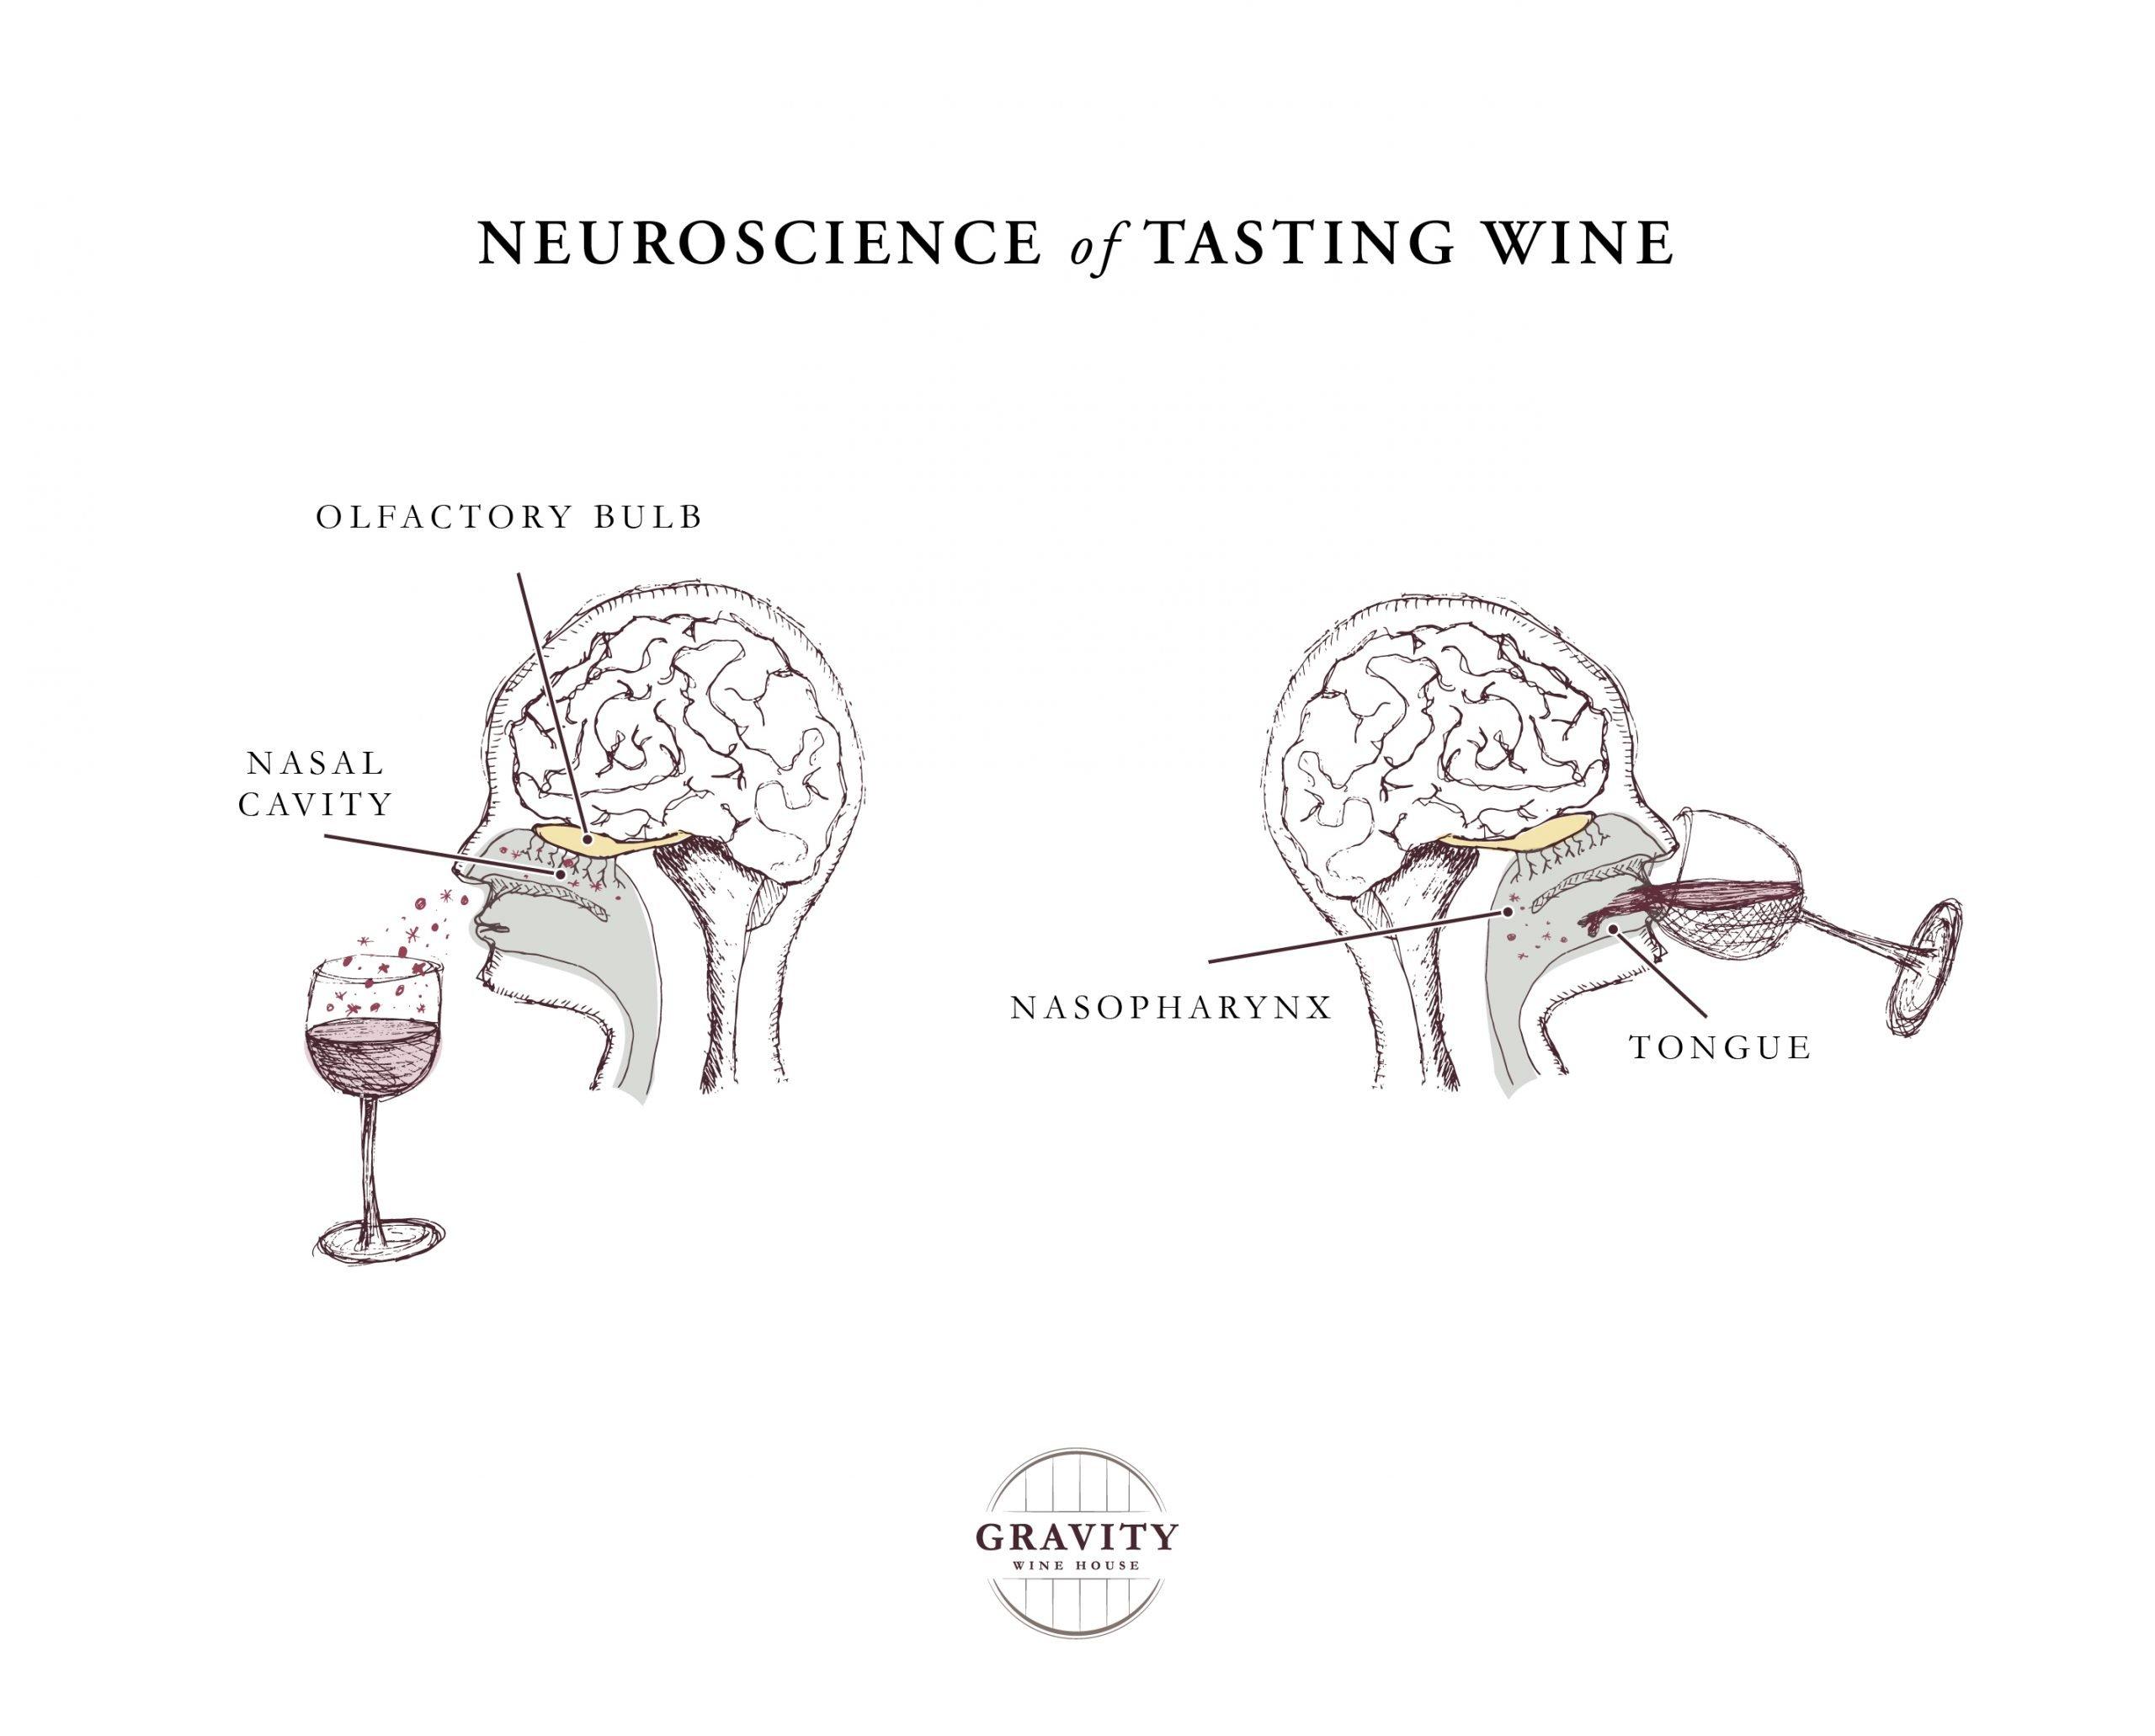 neuroscience of tasting wine illustration